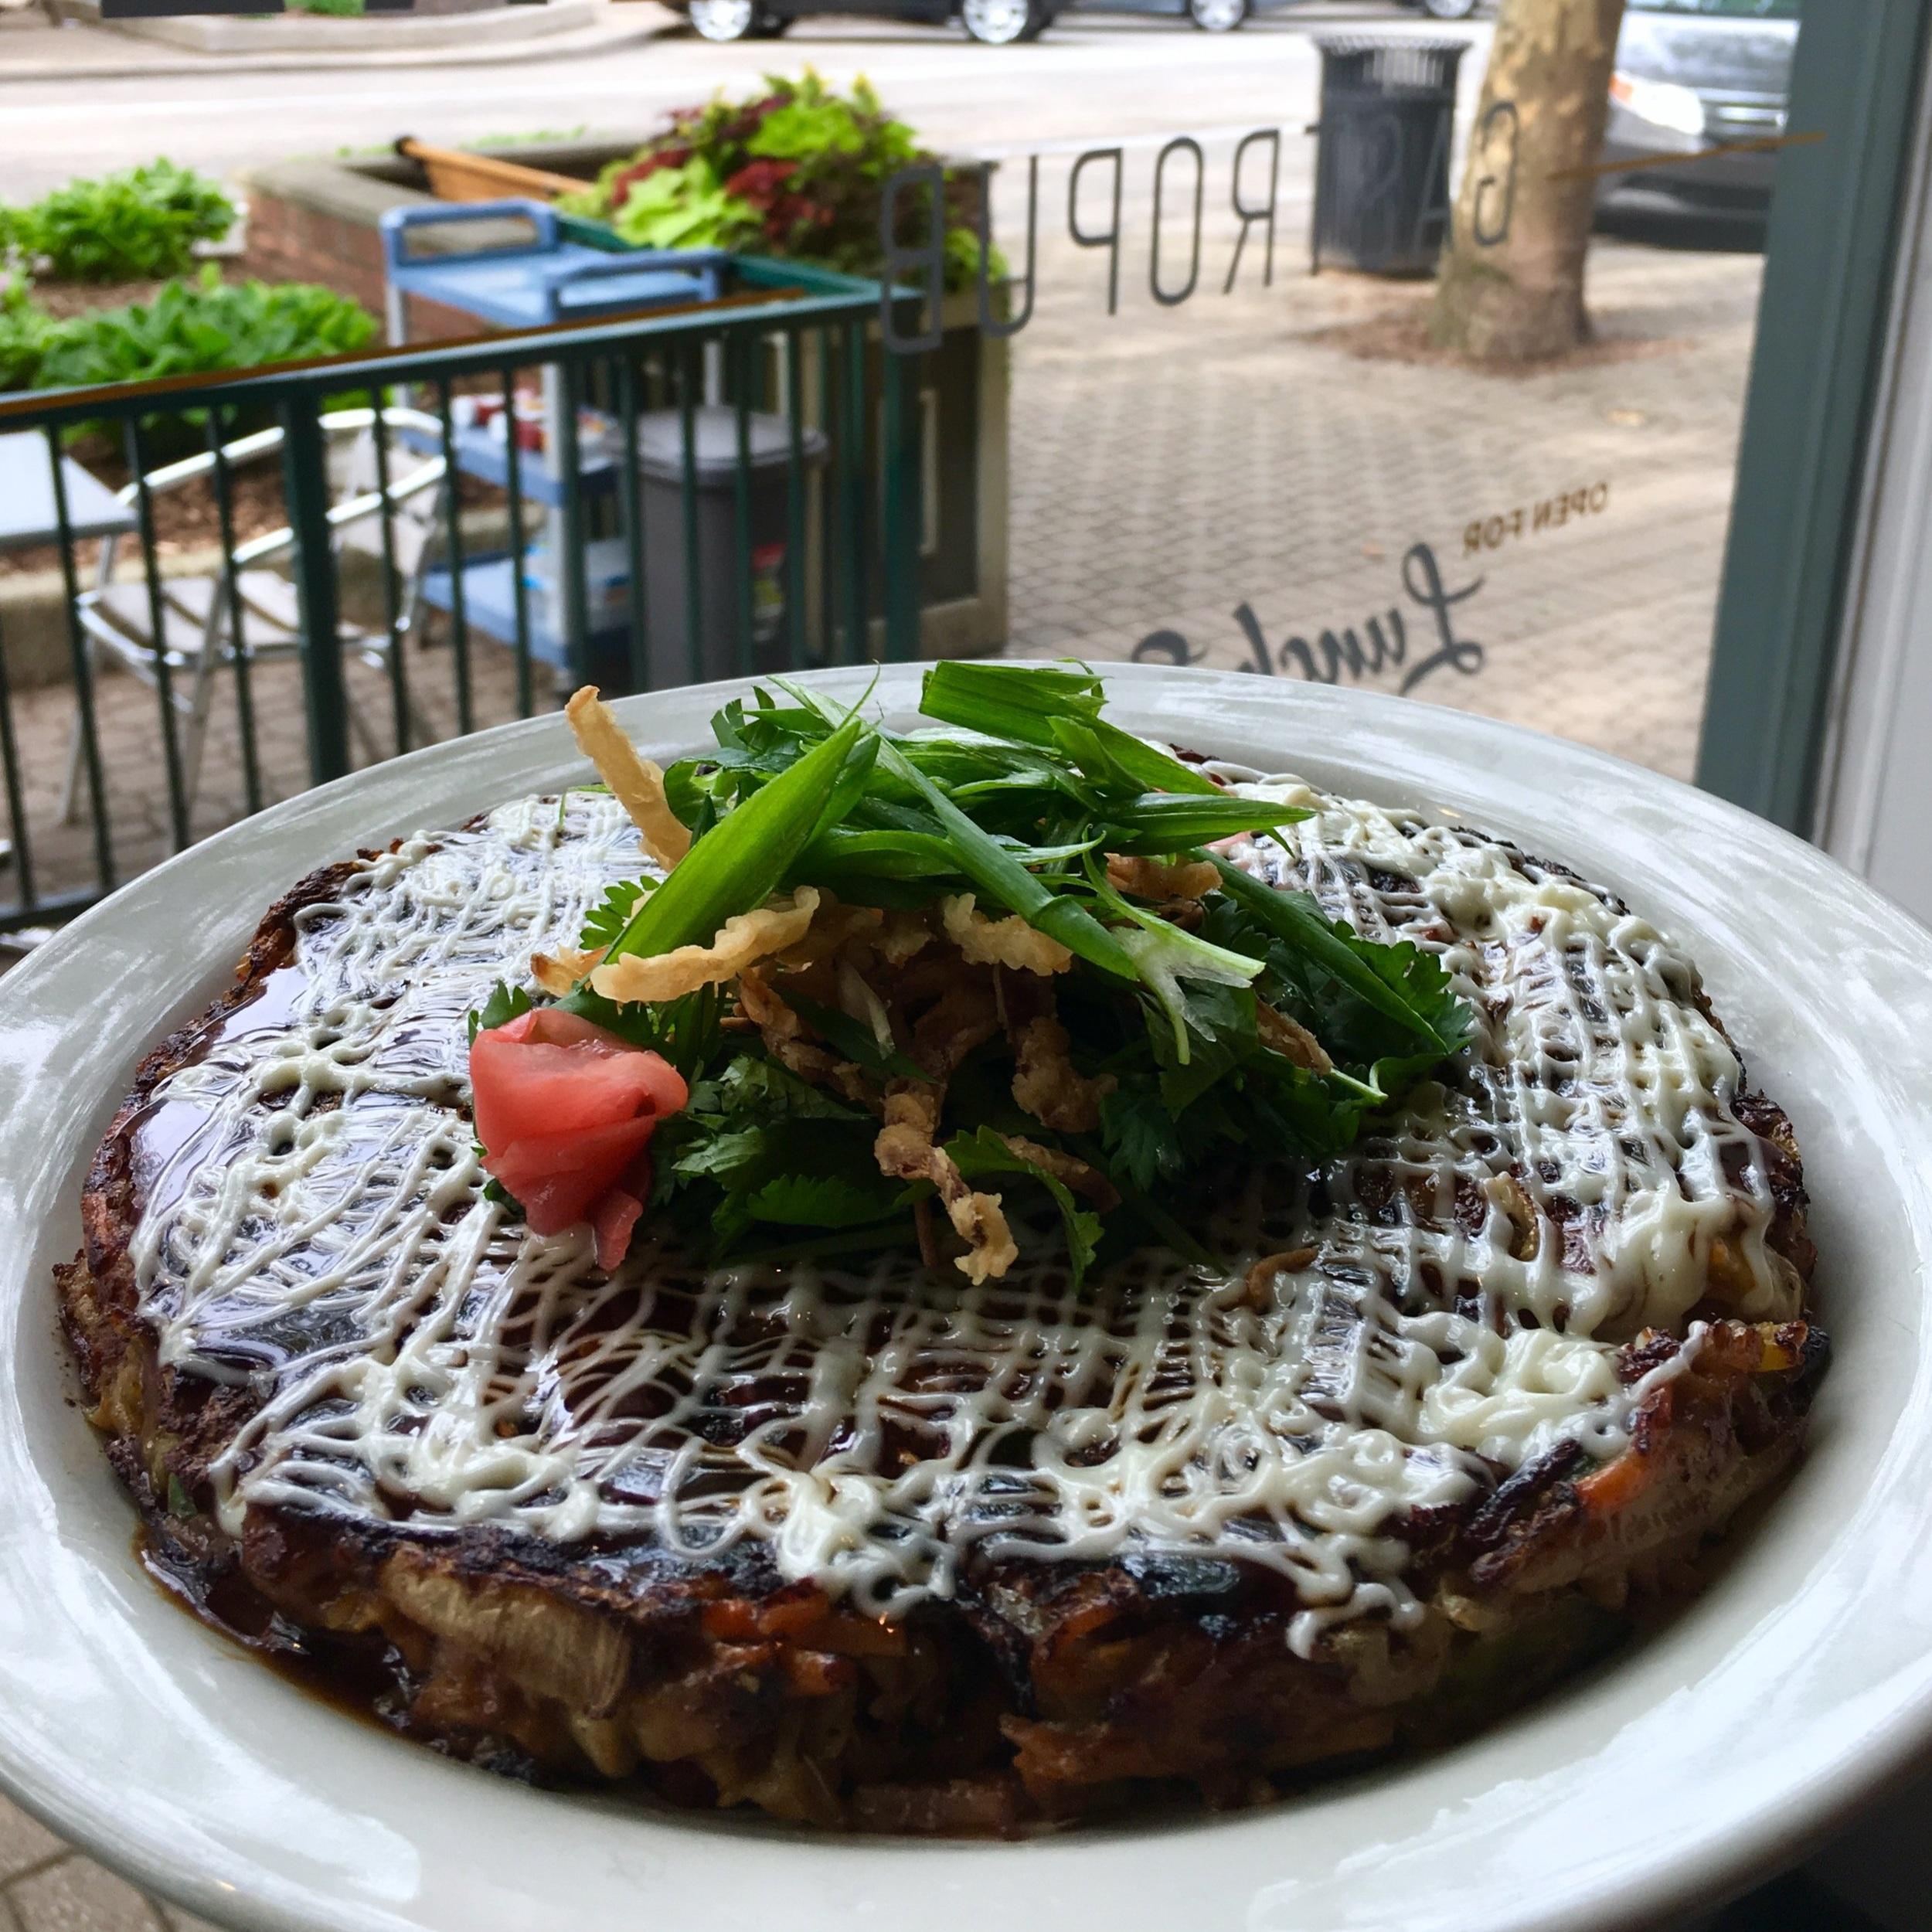 free-okonomiyaki-waverly-stone-one-year